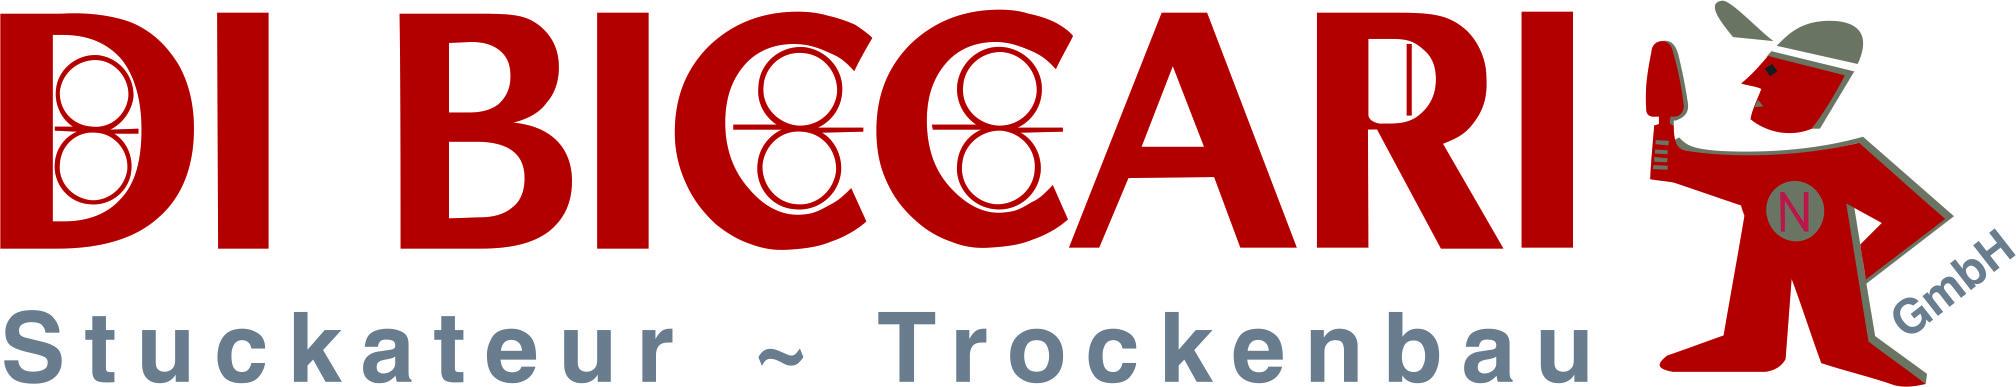 Di Biccari GmbH